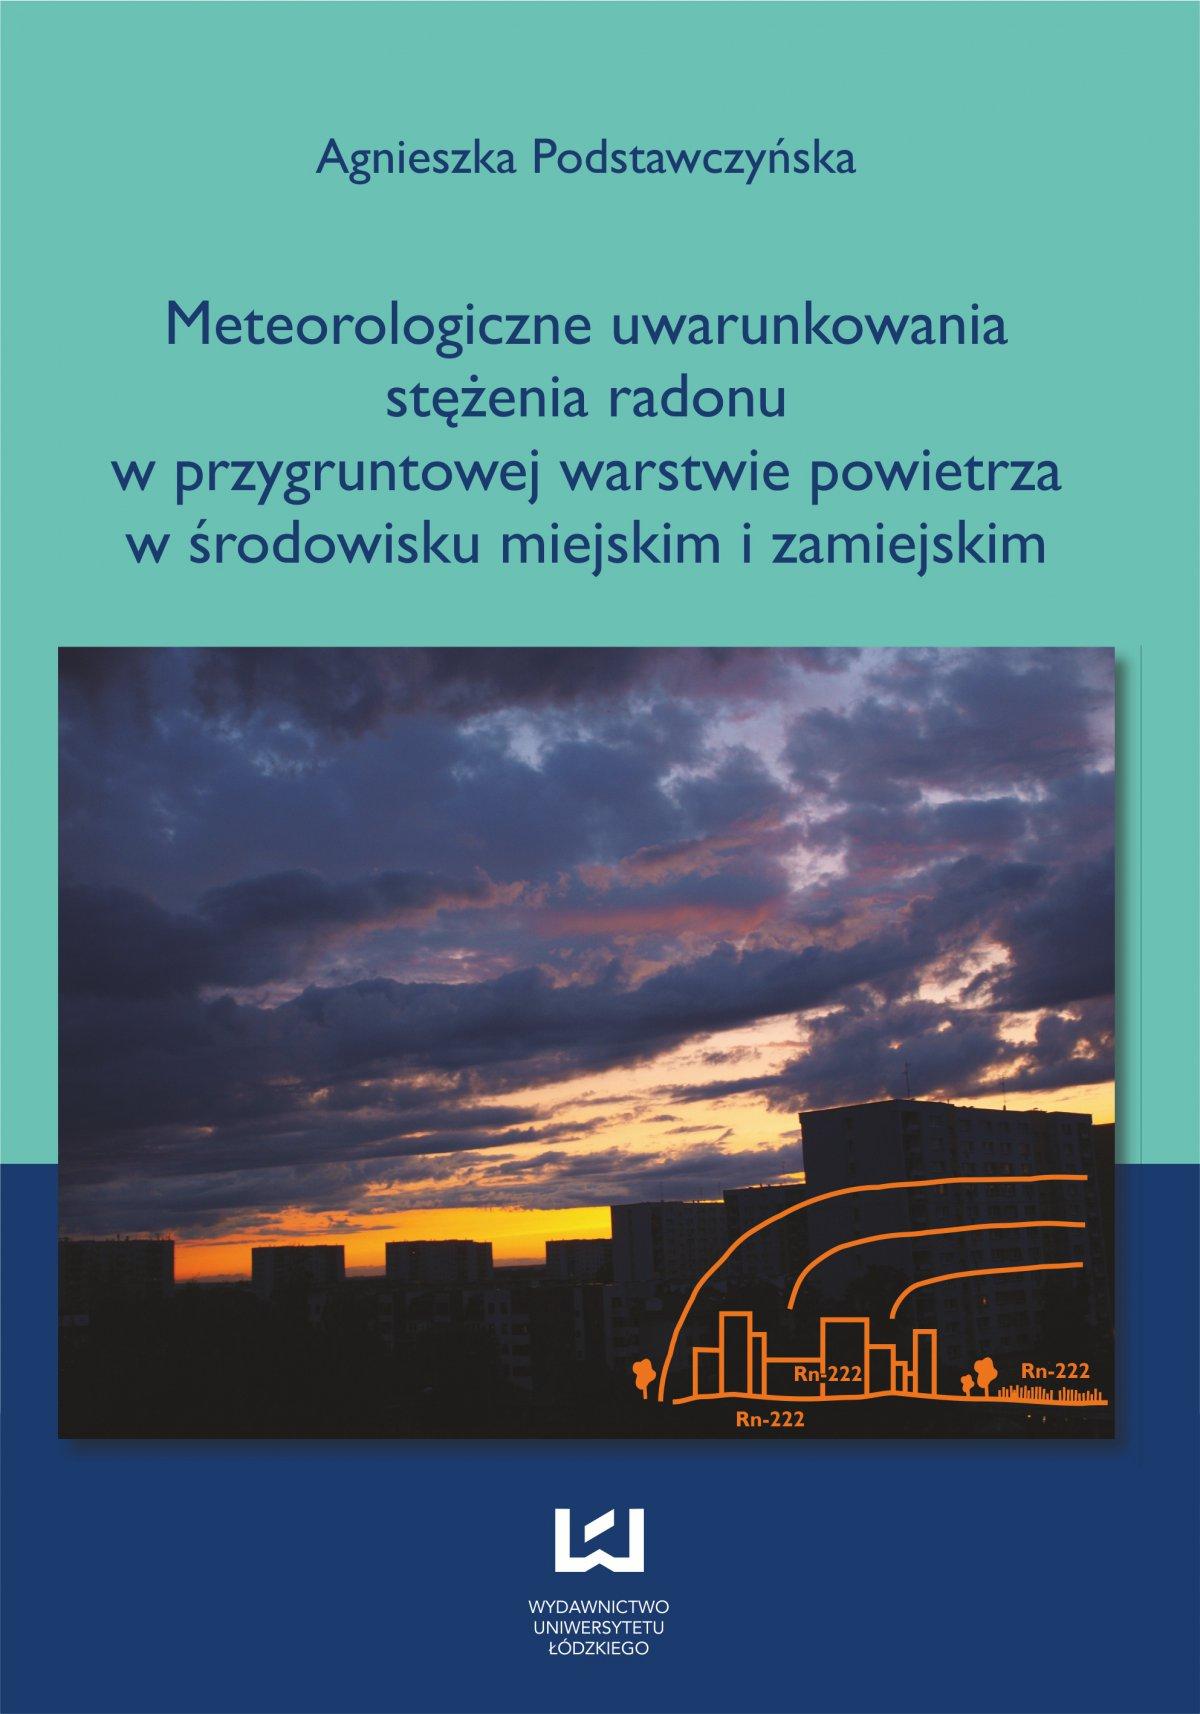 Meteorologiczne uwarunkowania stężenia radonu w przygruntowej warstwie powietrza w środowisku miejskim i zamiejskim - Ebook (Książka PDF) do pobrania w formacie PDF